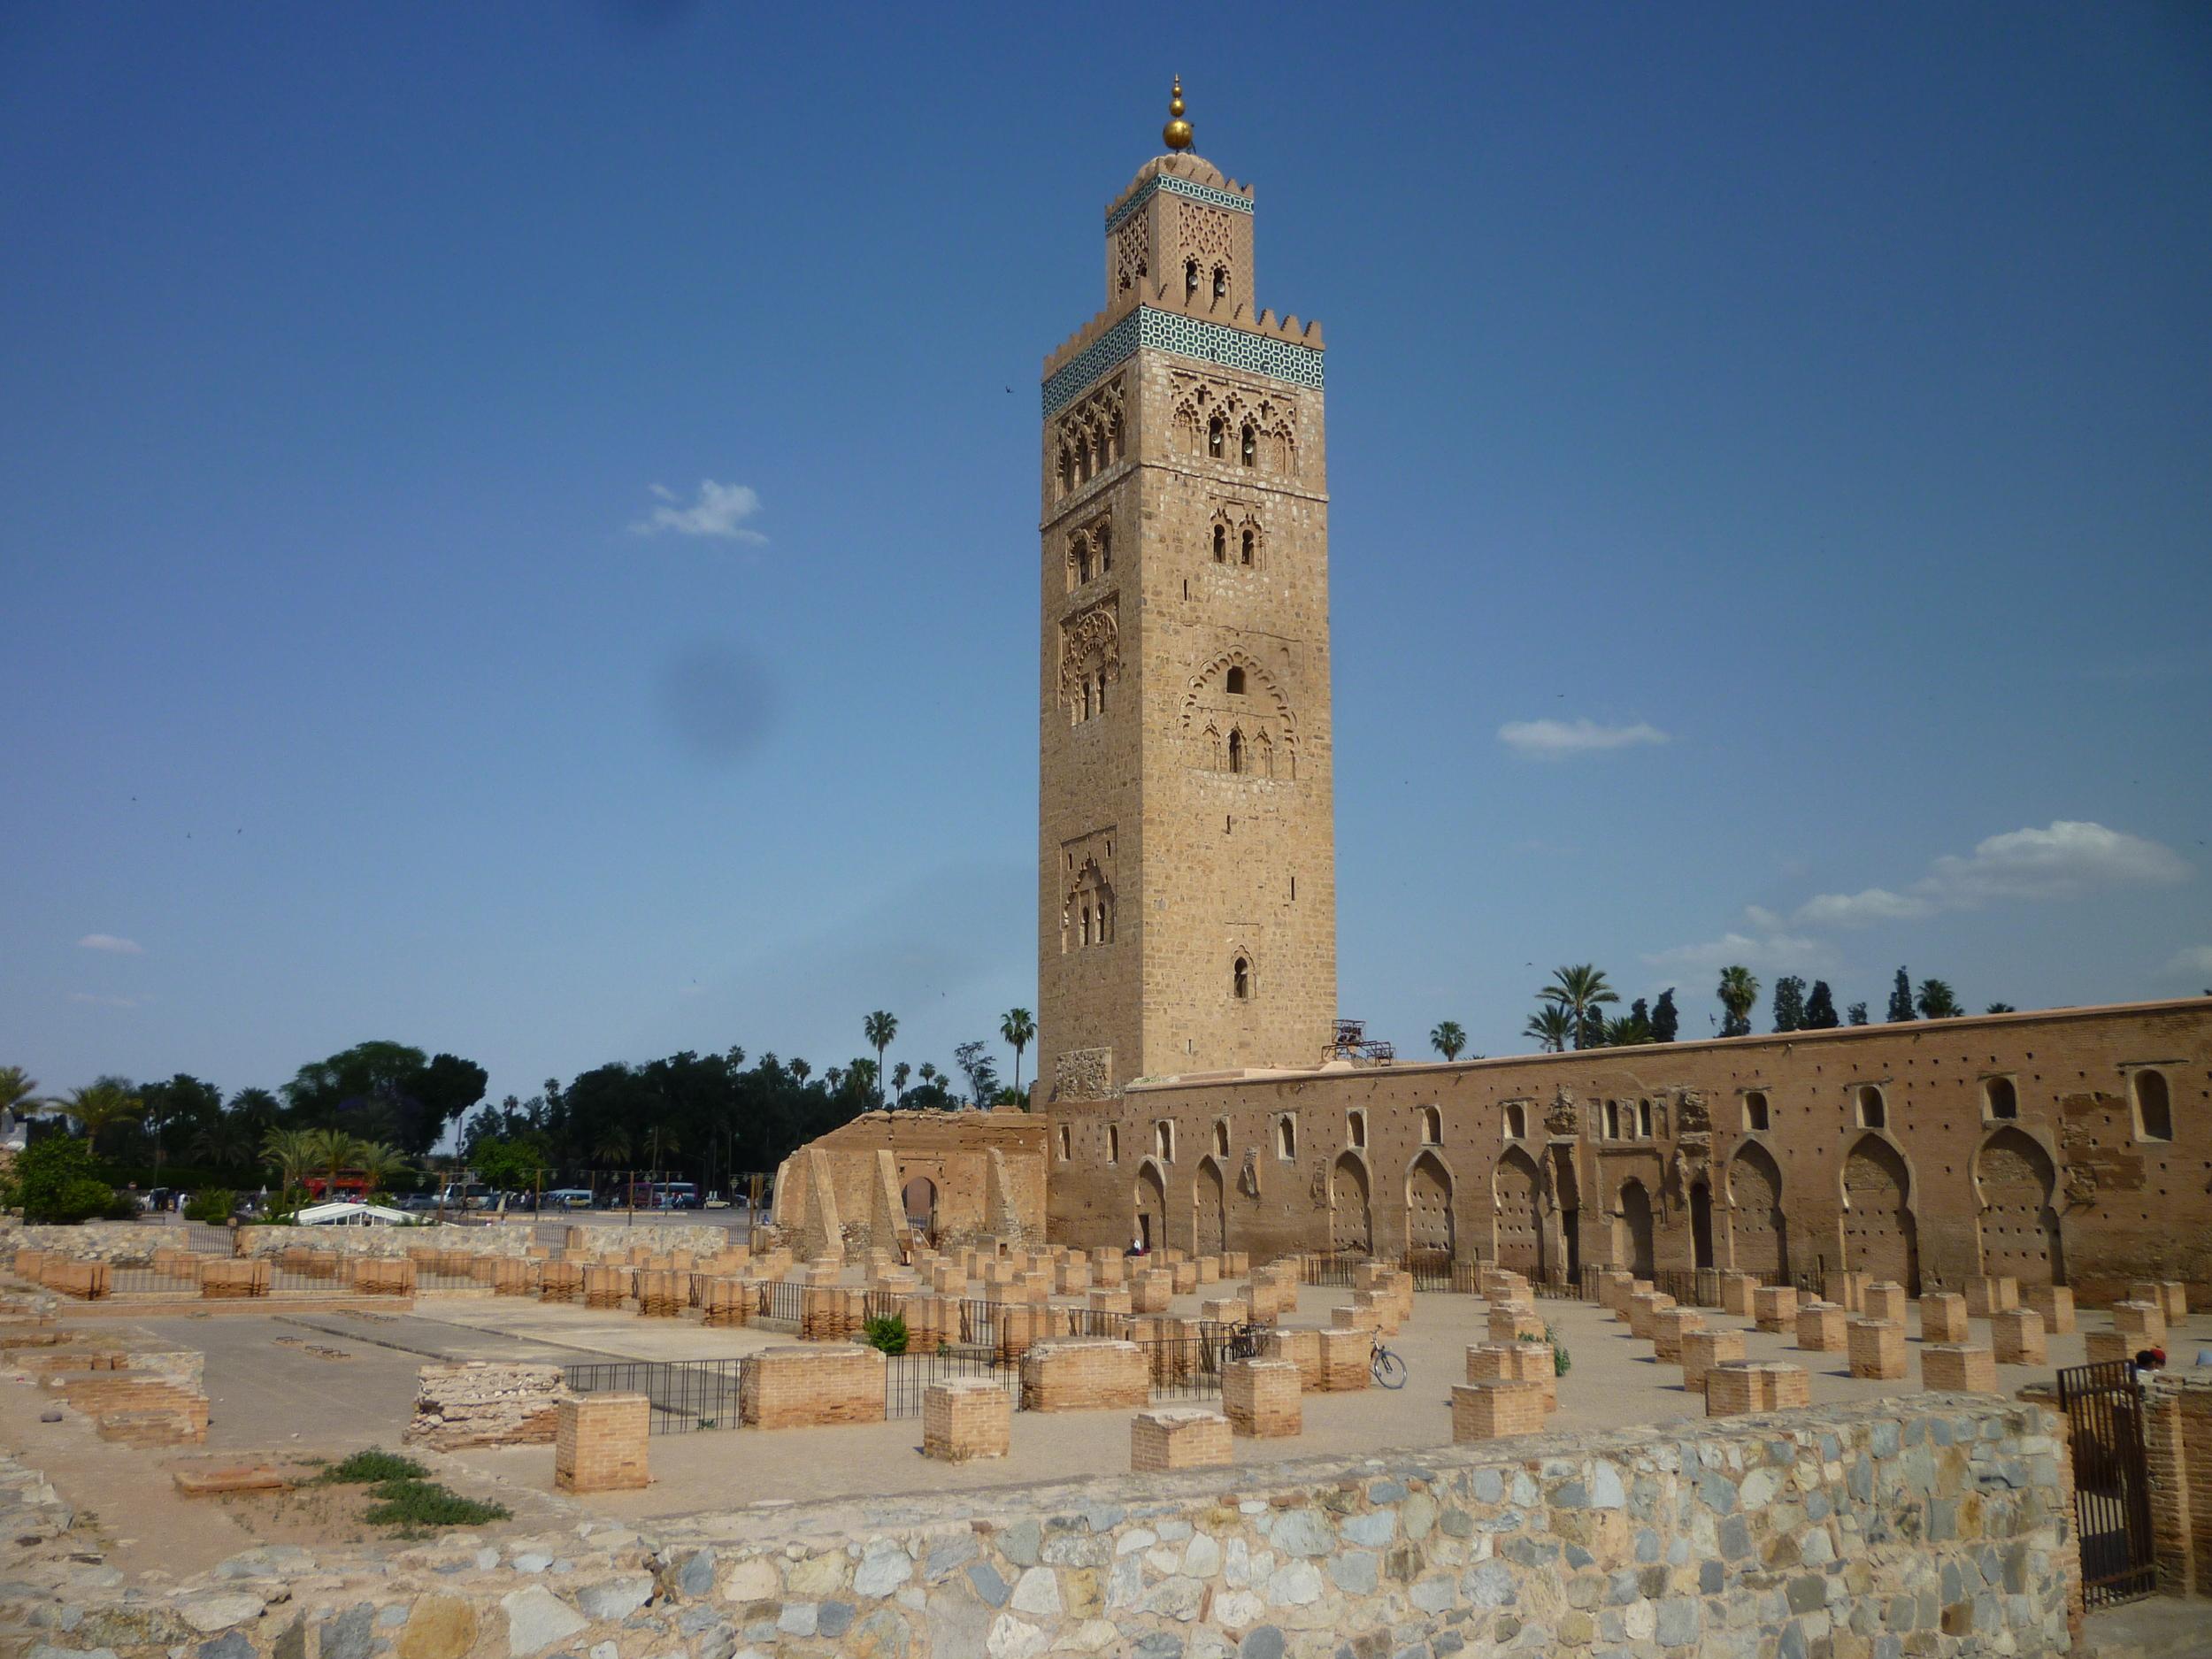 Marokko - mei 2013 275.jpg